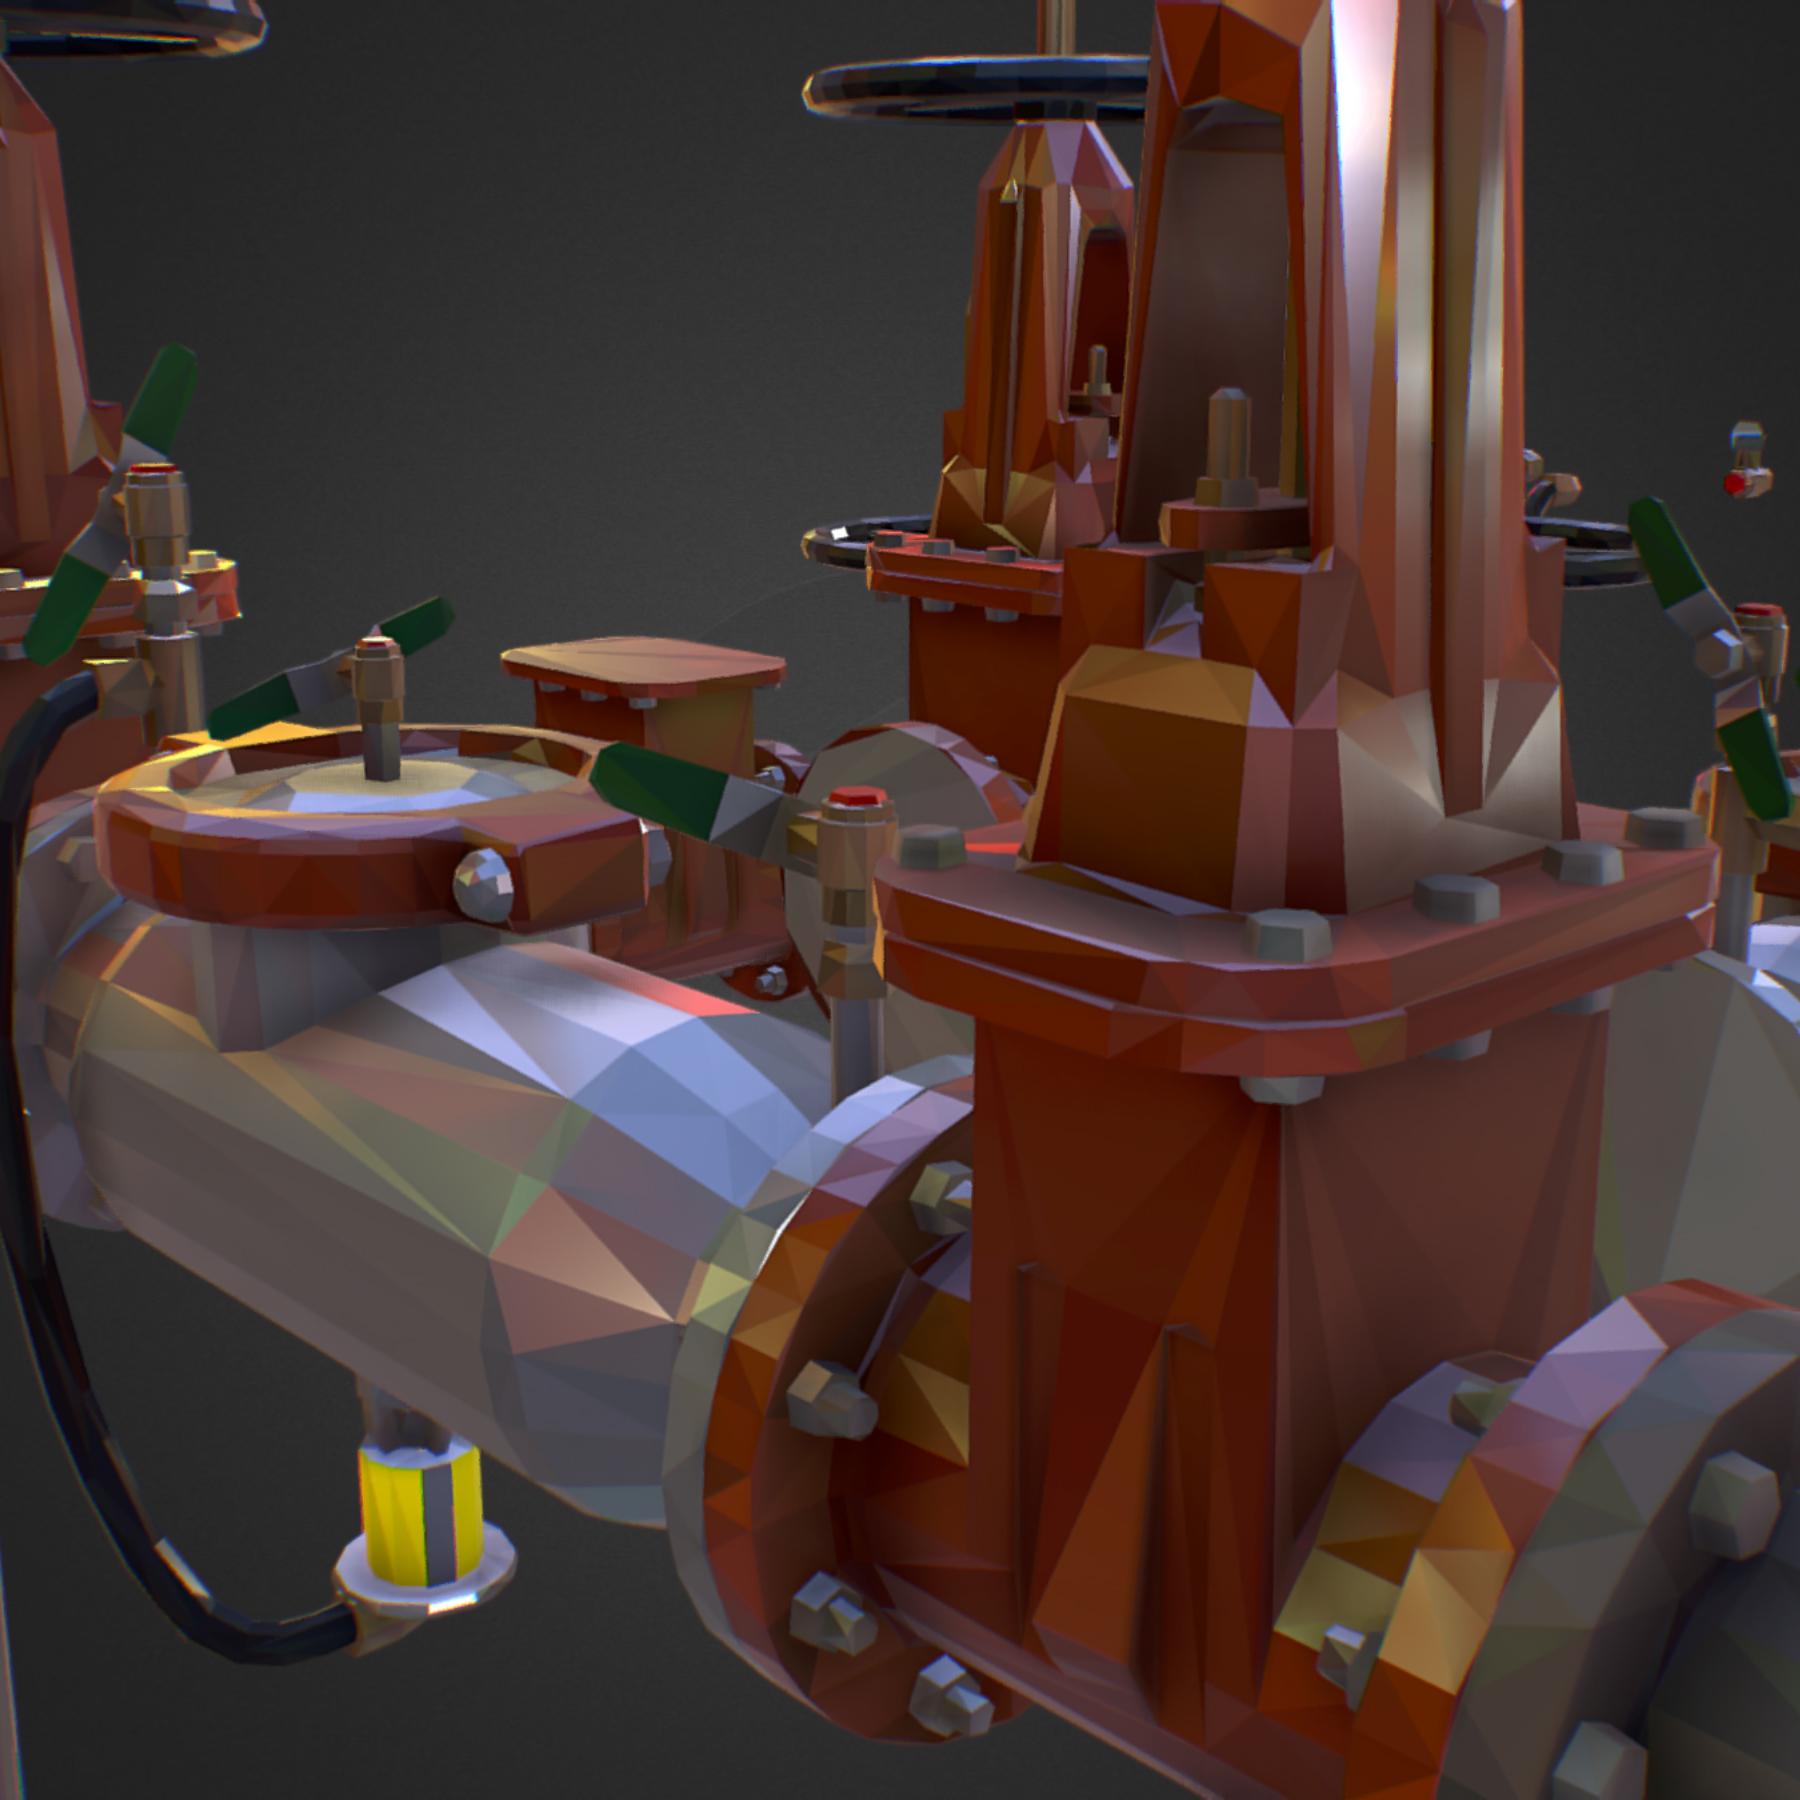 χαμηλός πολυεστιακός κατασκευαστής σωληνώσεων νερού επιστροφής ροής 3d max fbx ma mb tga targa icb vda vst pix obj 272556